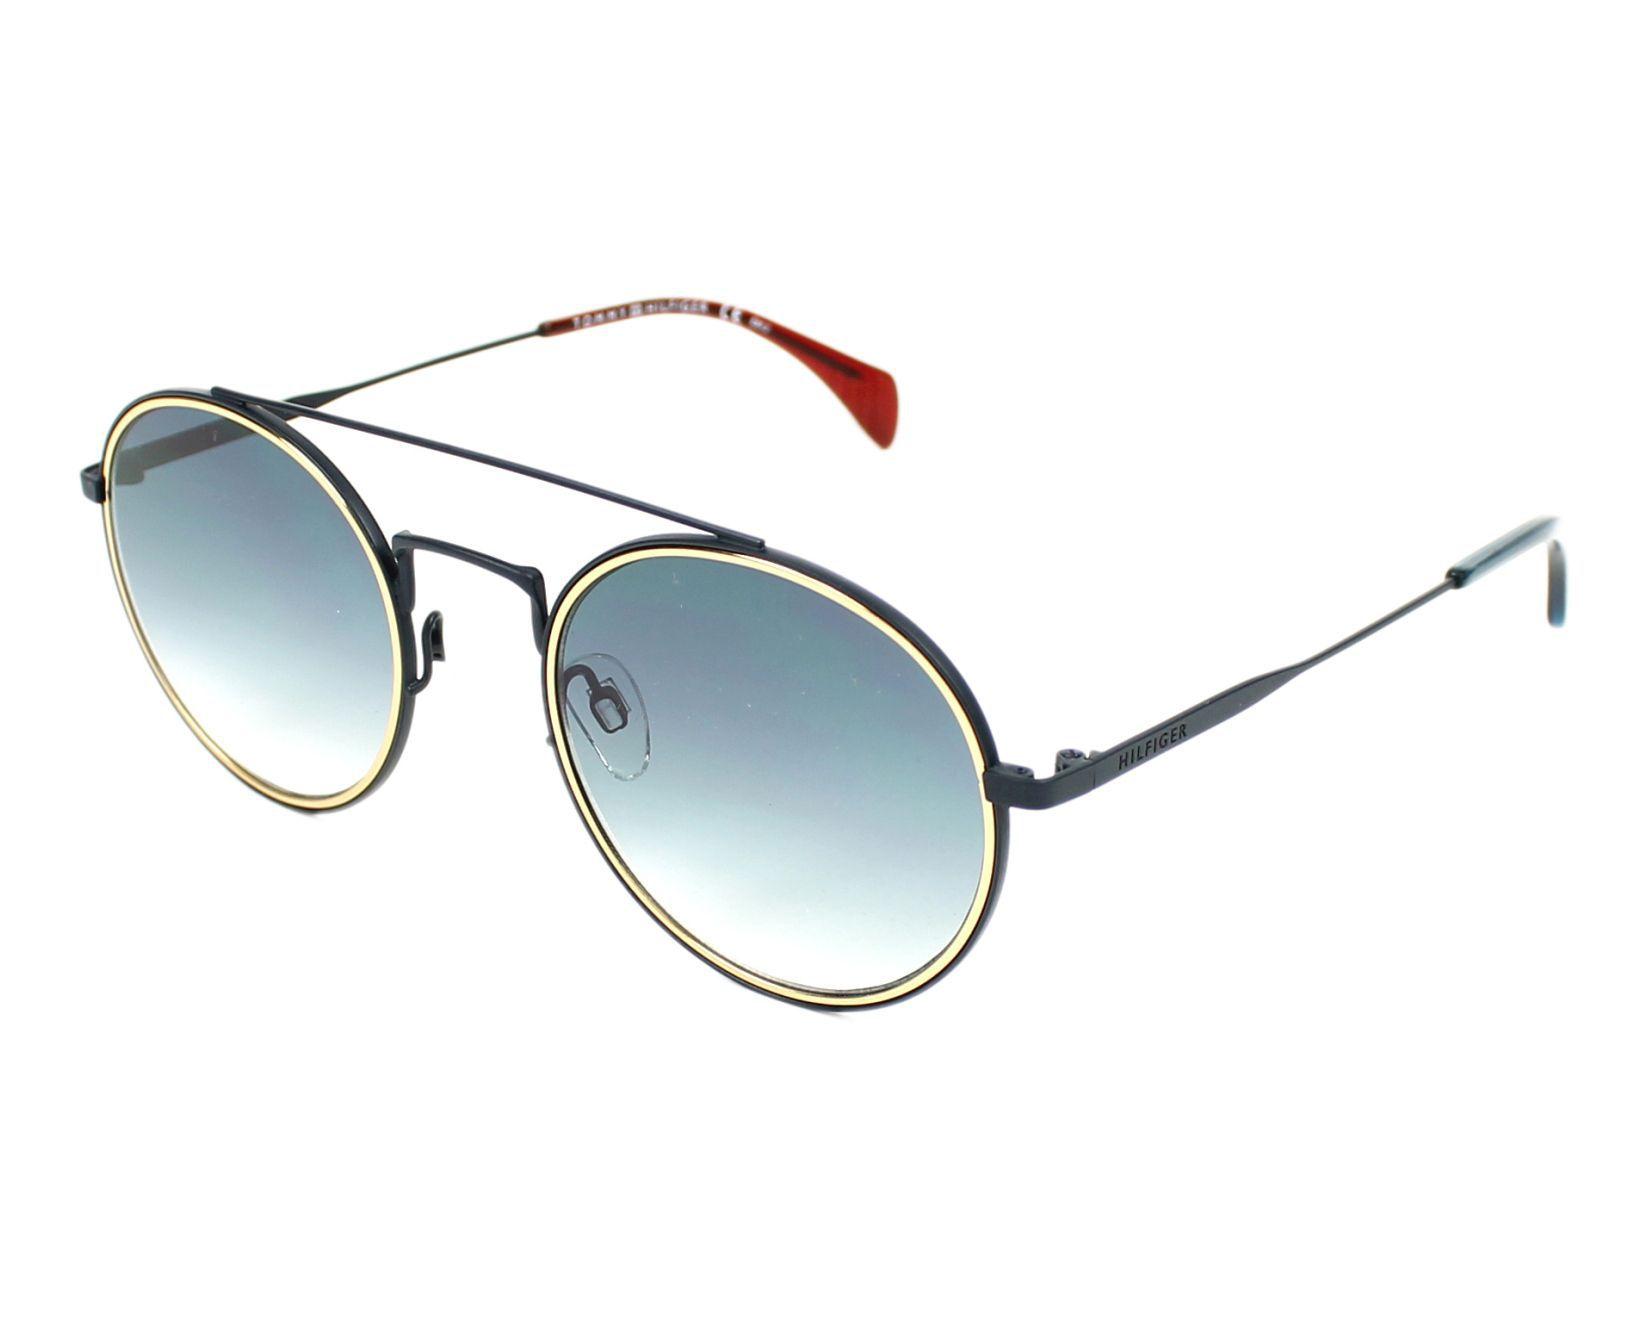 Óculos de Sol Tommy Hilfiger TH1455 S BQZ08 - Omega Ótica e Relojoaria 8b96bc741d